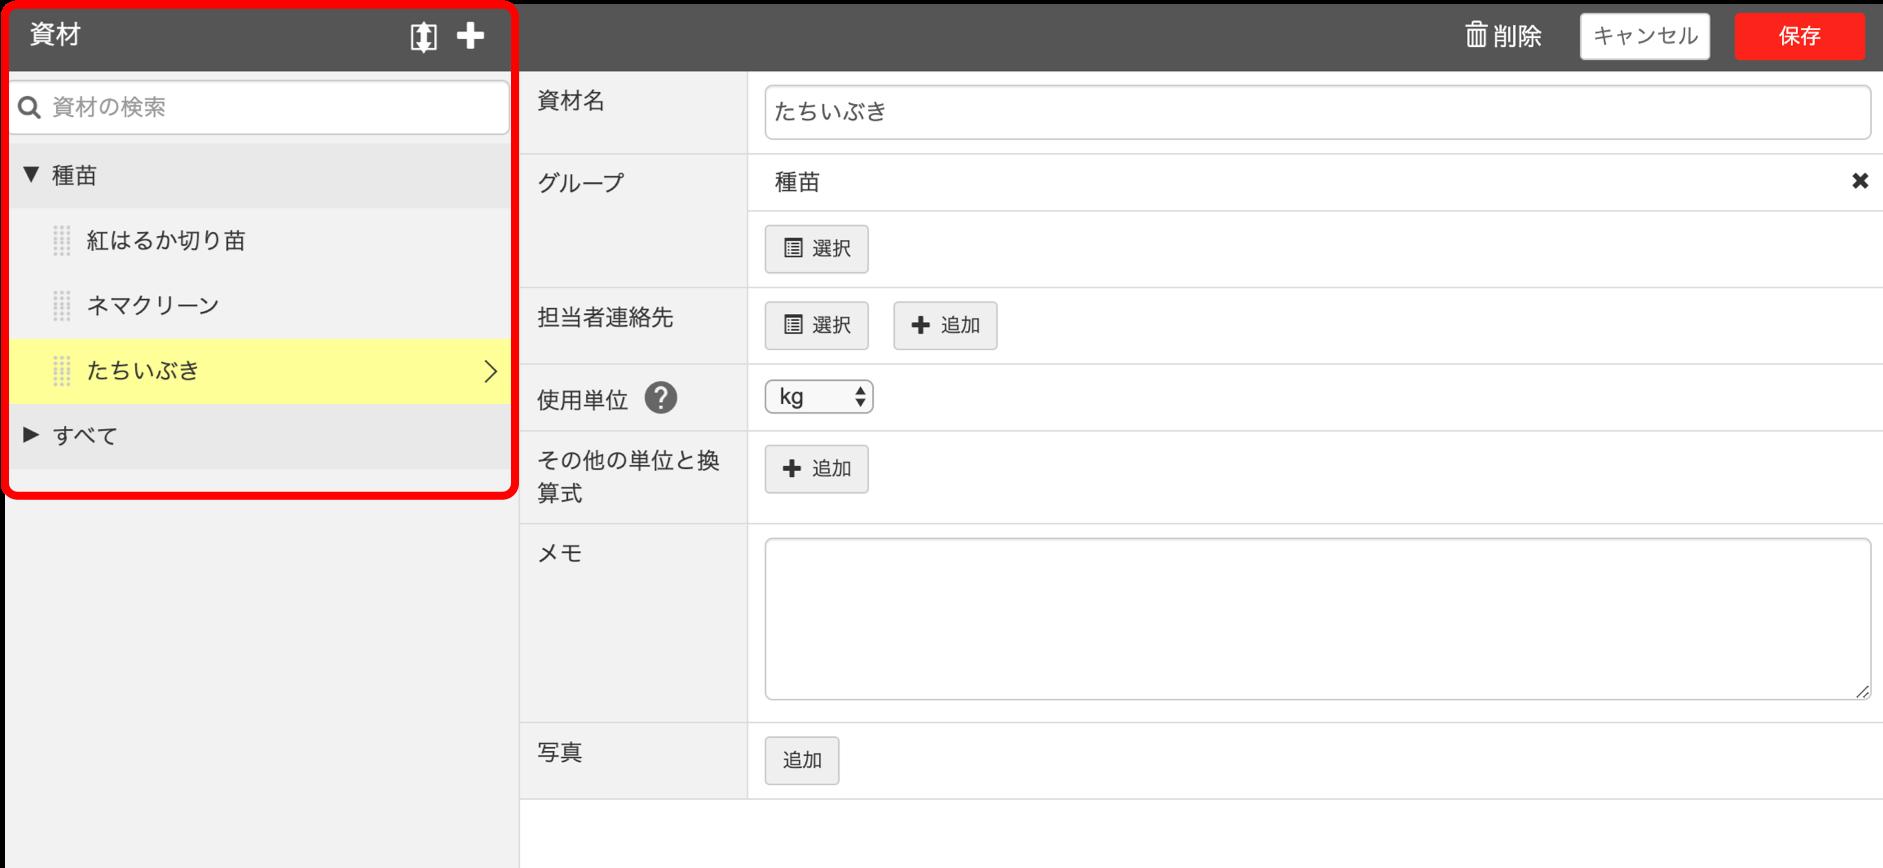 設定画面の構成について_項目・グループの一覧